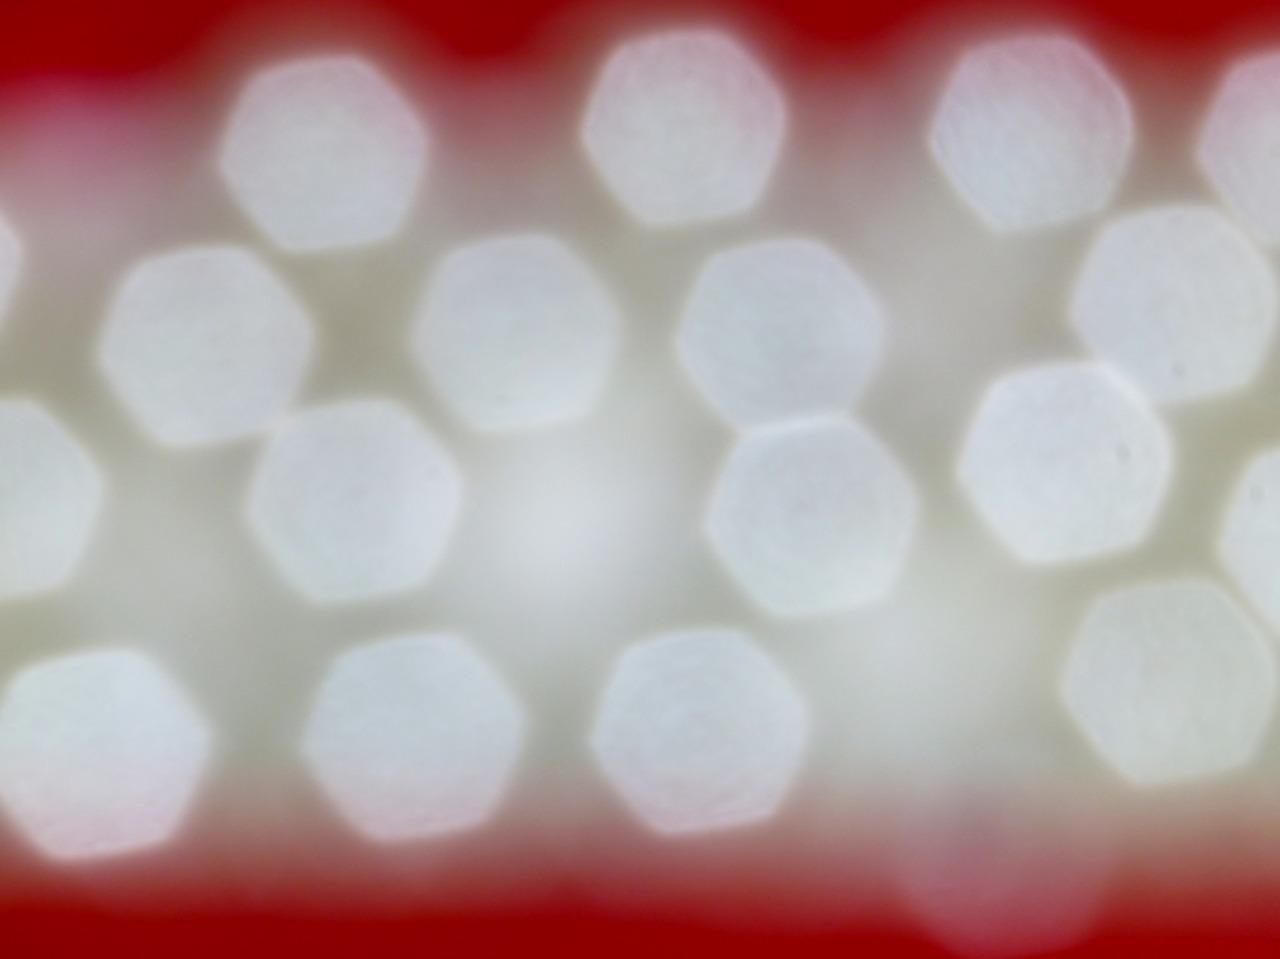 La nueva técnica de producir grafeno es 100 veces más barata